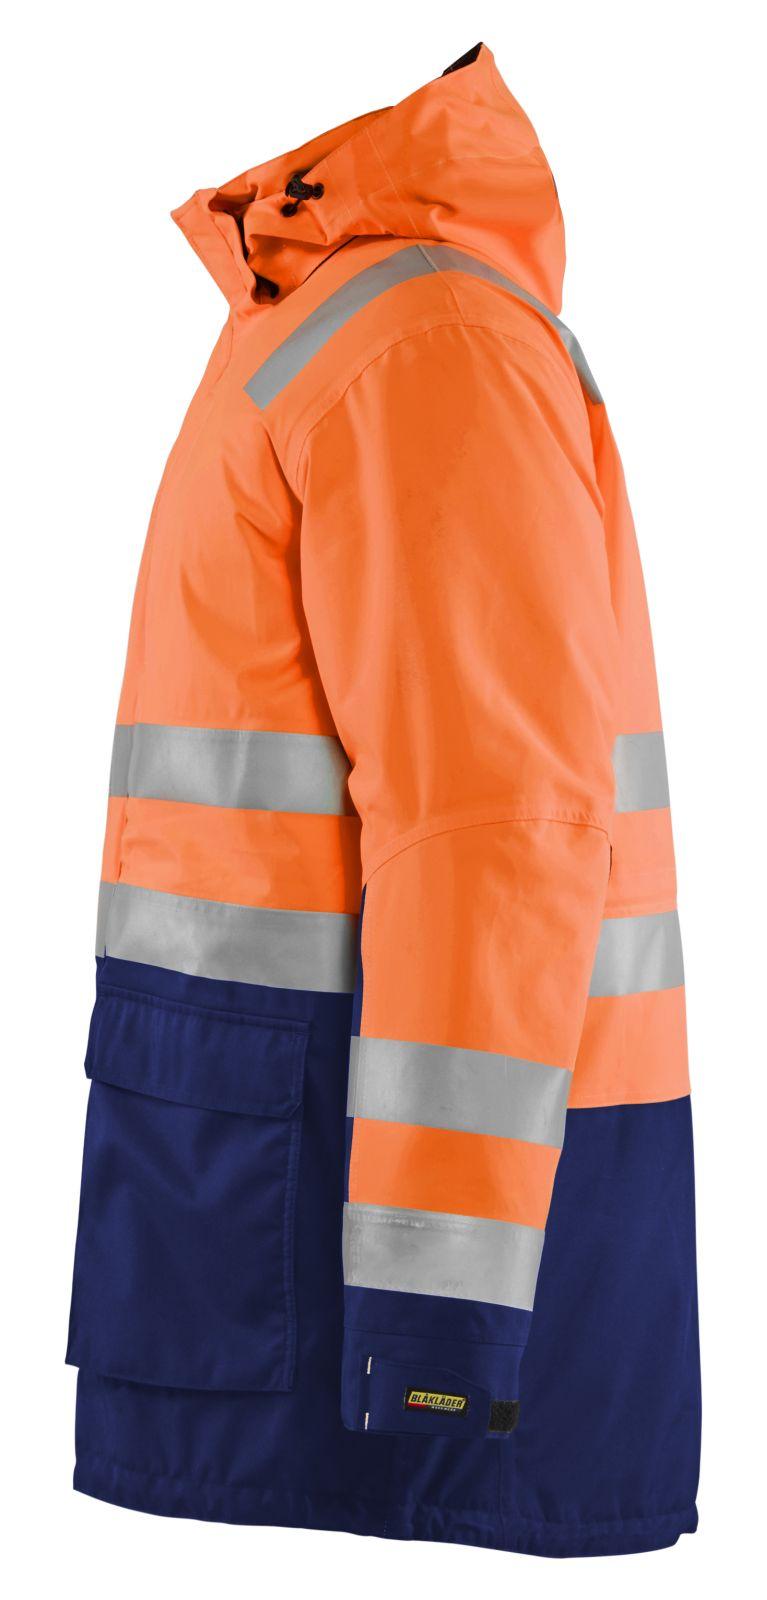 Blaklader Jassen 44951987 High Vis fluo oranje-marineblauw(5389)